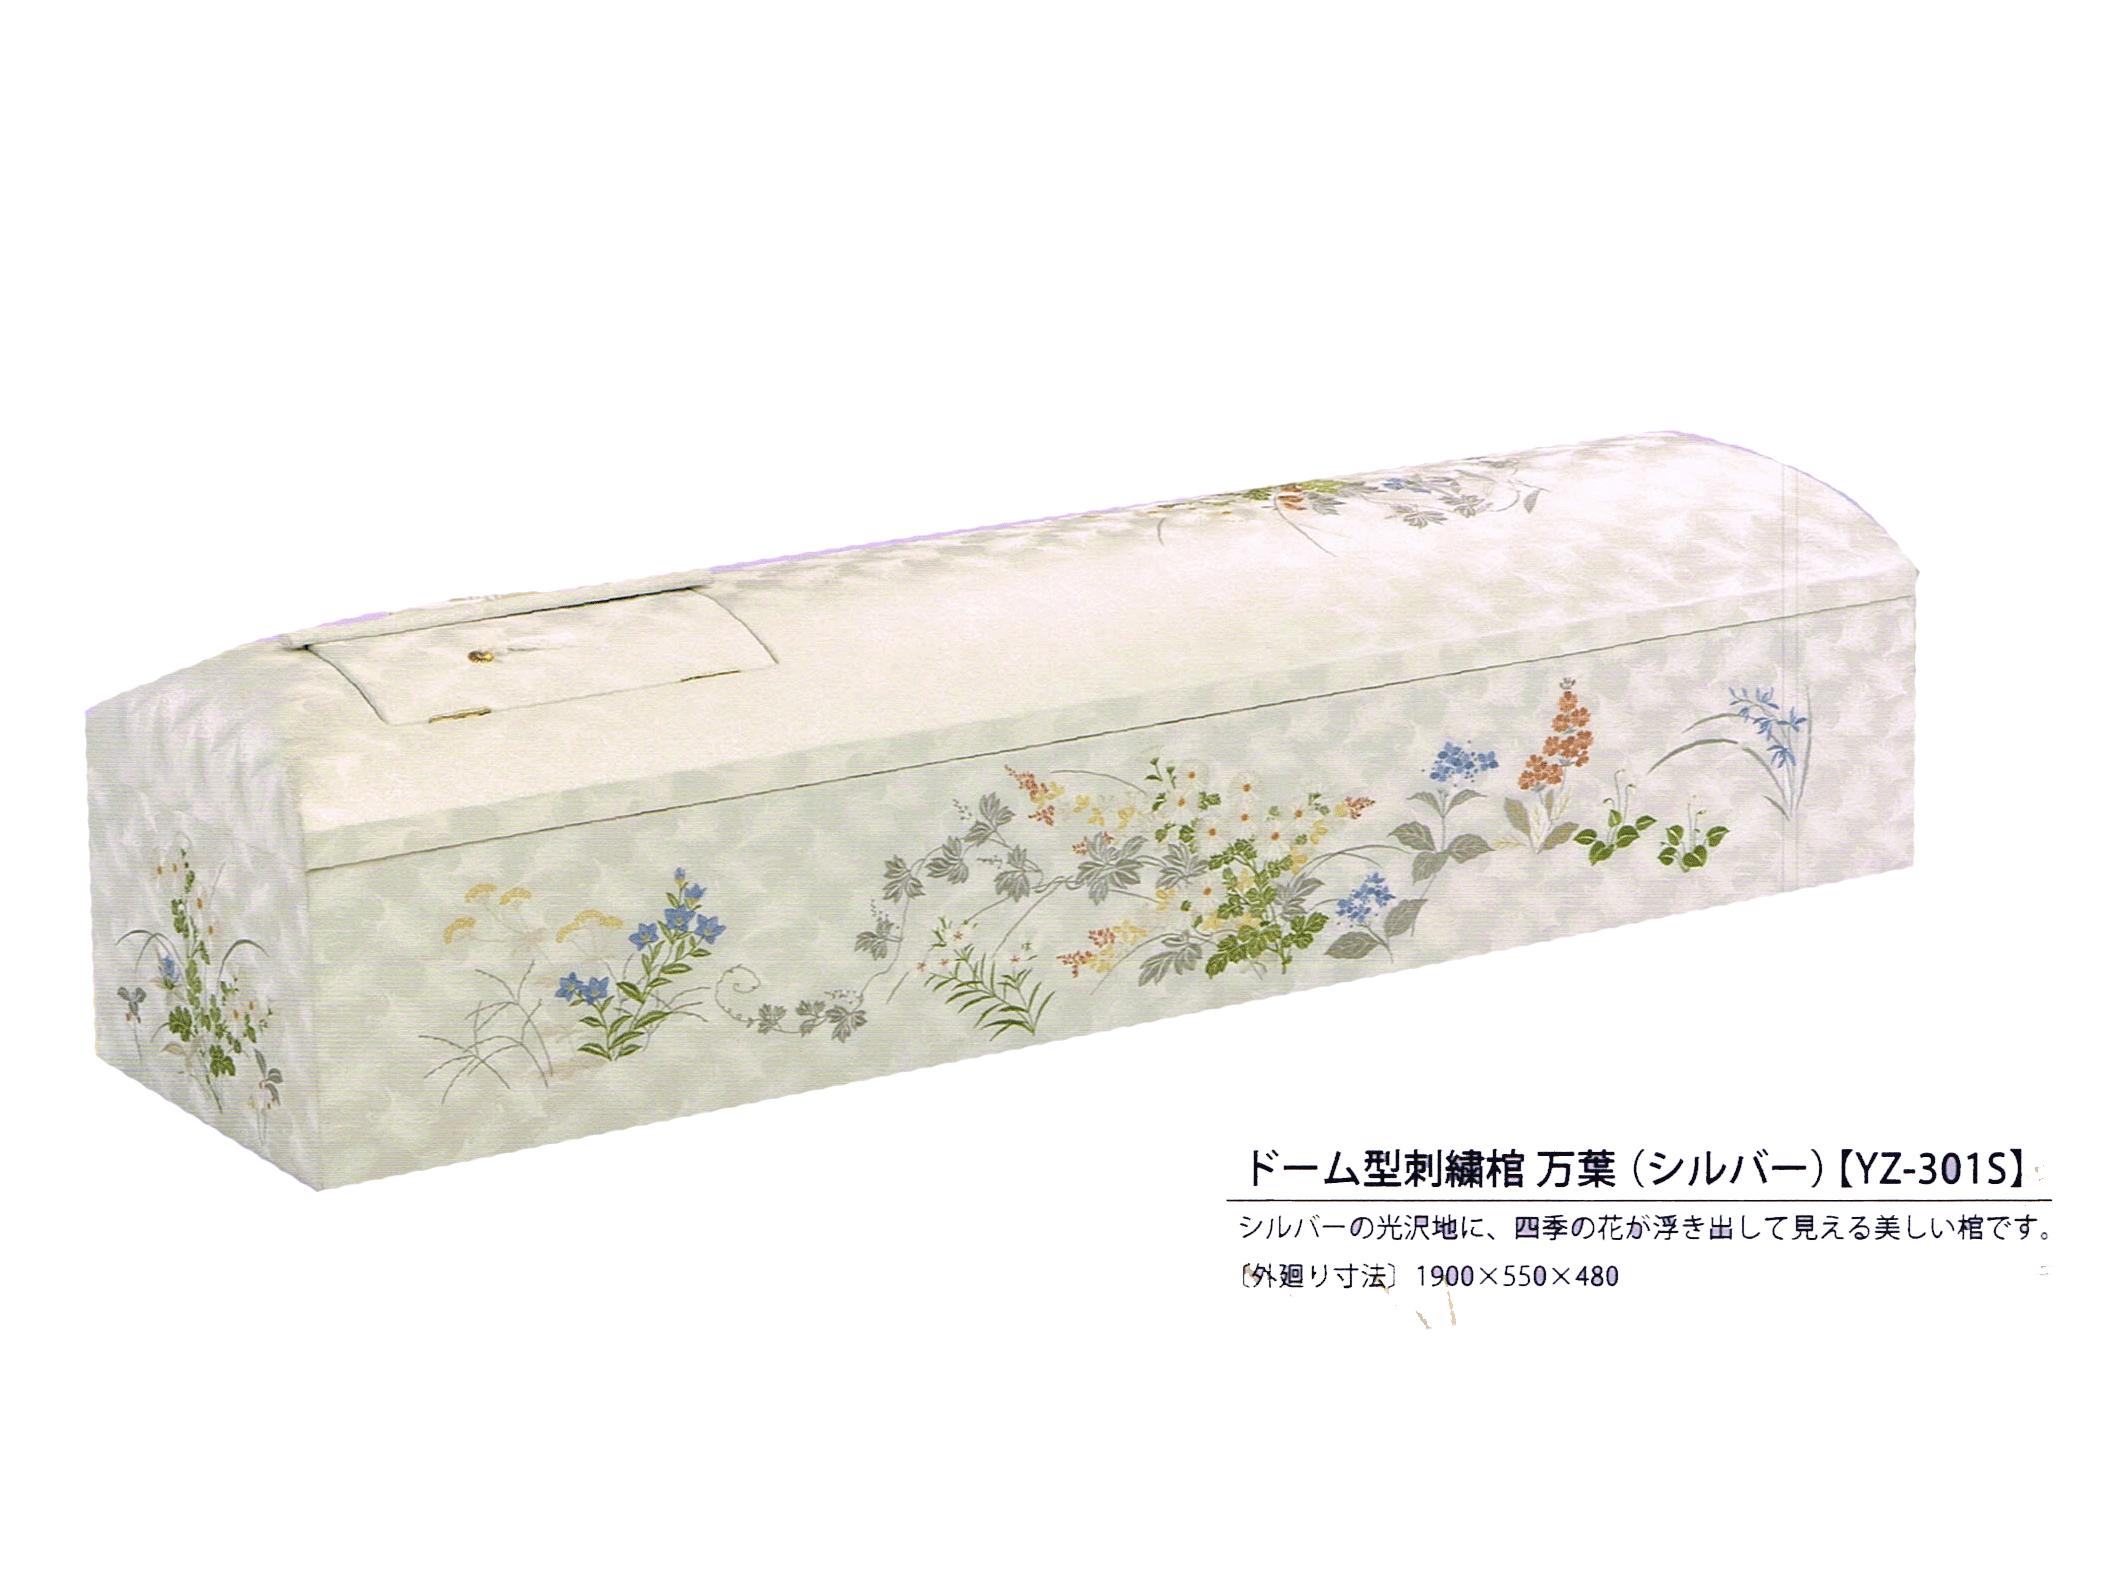 ドーム型刺繍棺 万葉(シルバー)